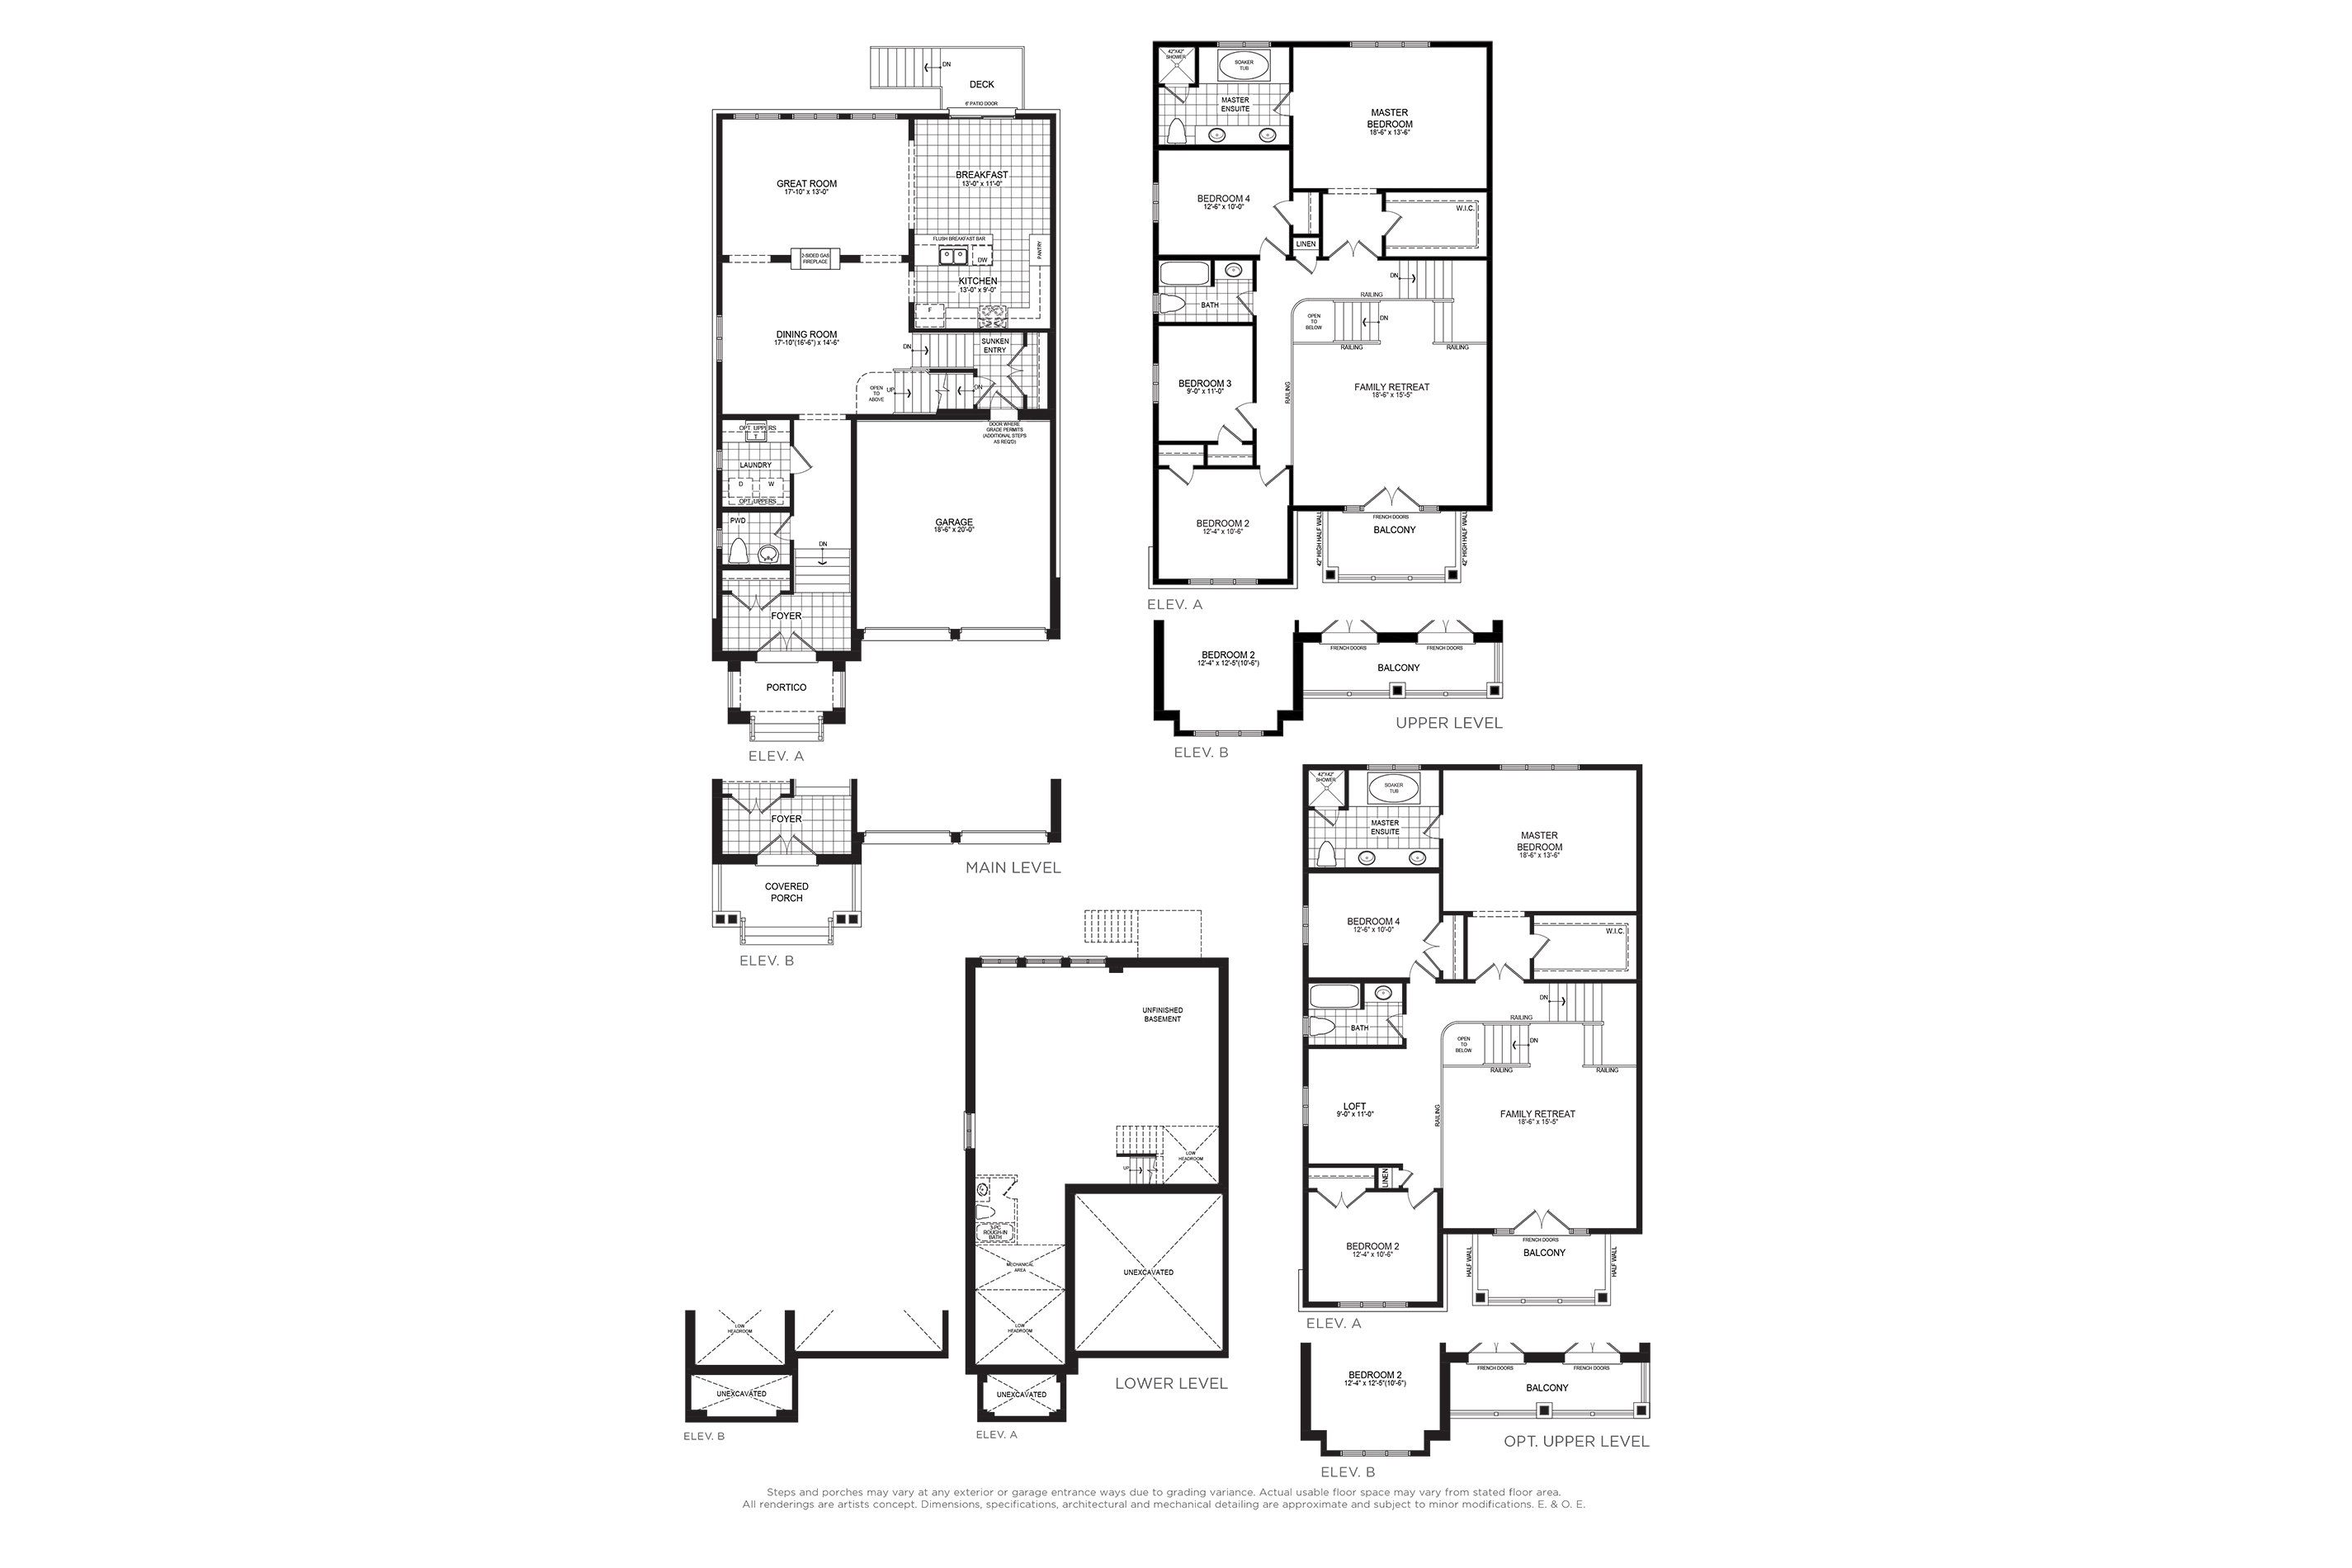 Somerset 9 Floorplan